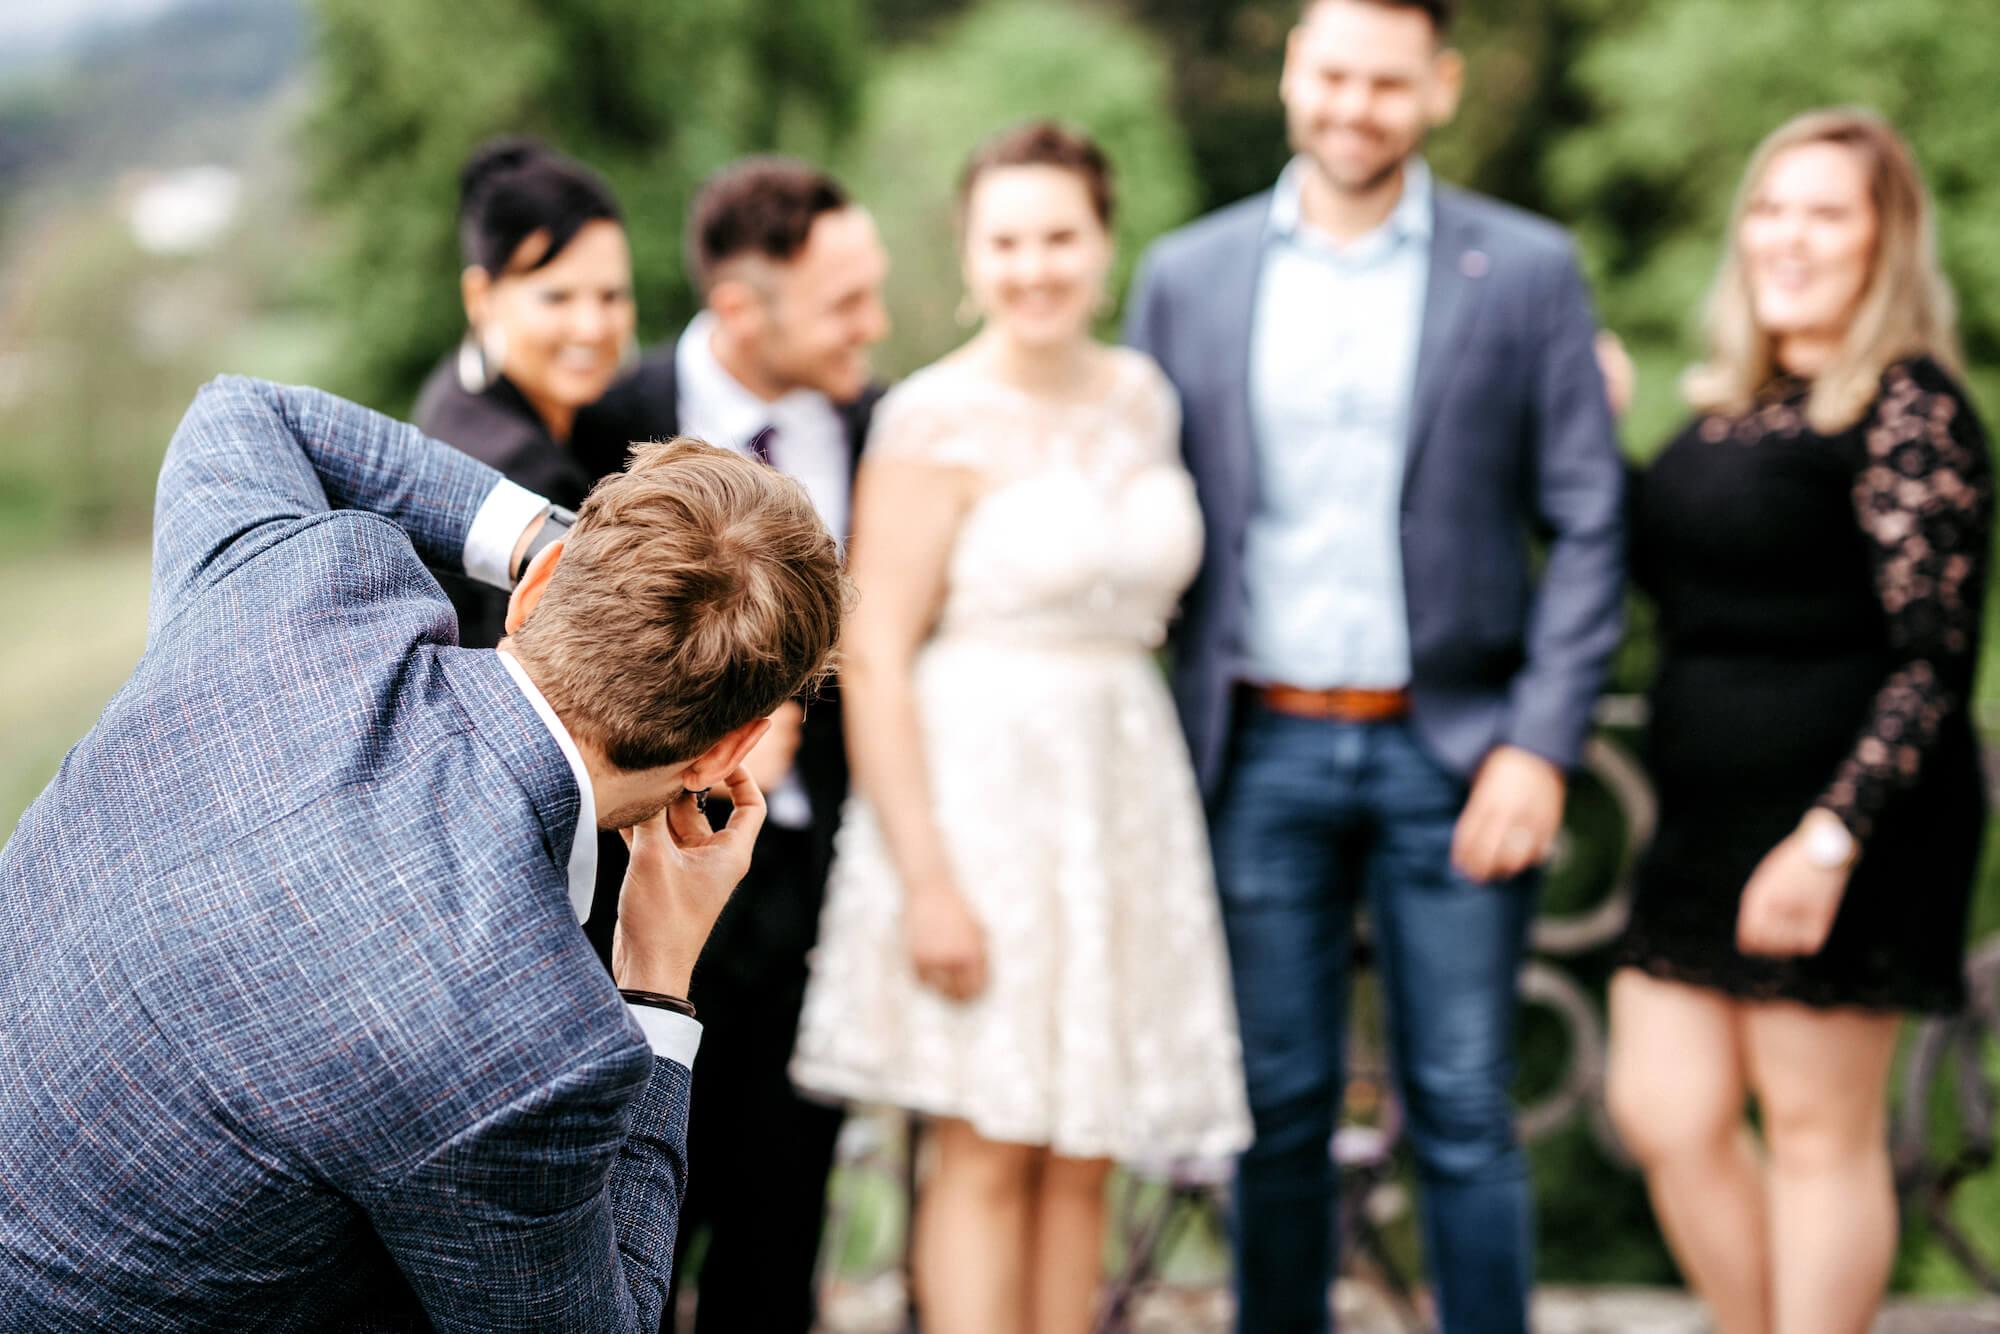 Gruppenfoto Fotograf Chris Widmer Hochzeitsfotografie im Rheintal St. Gallen